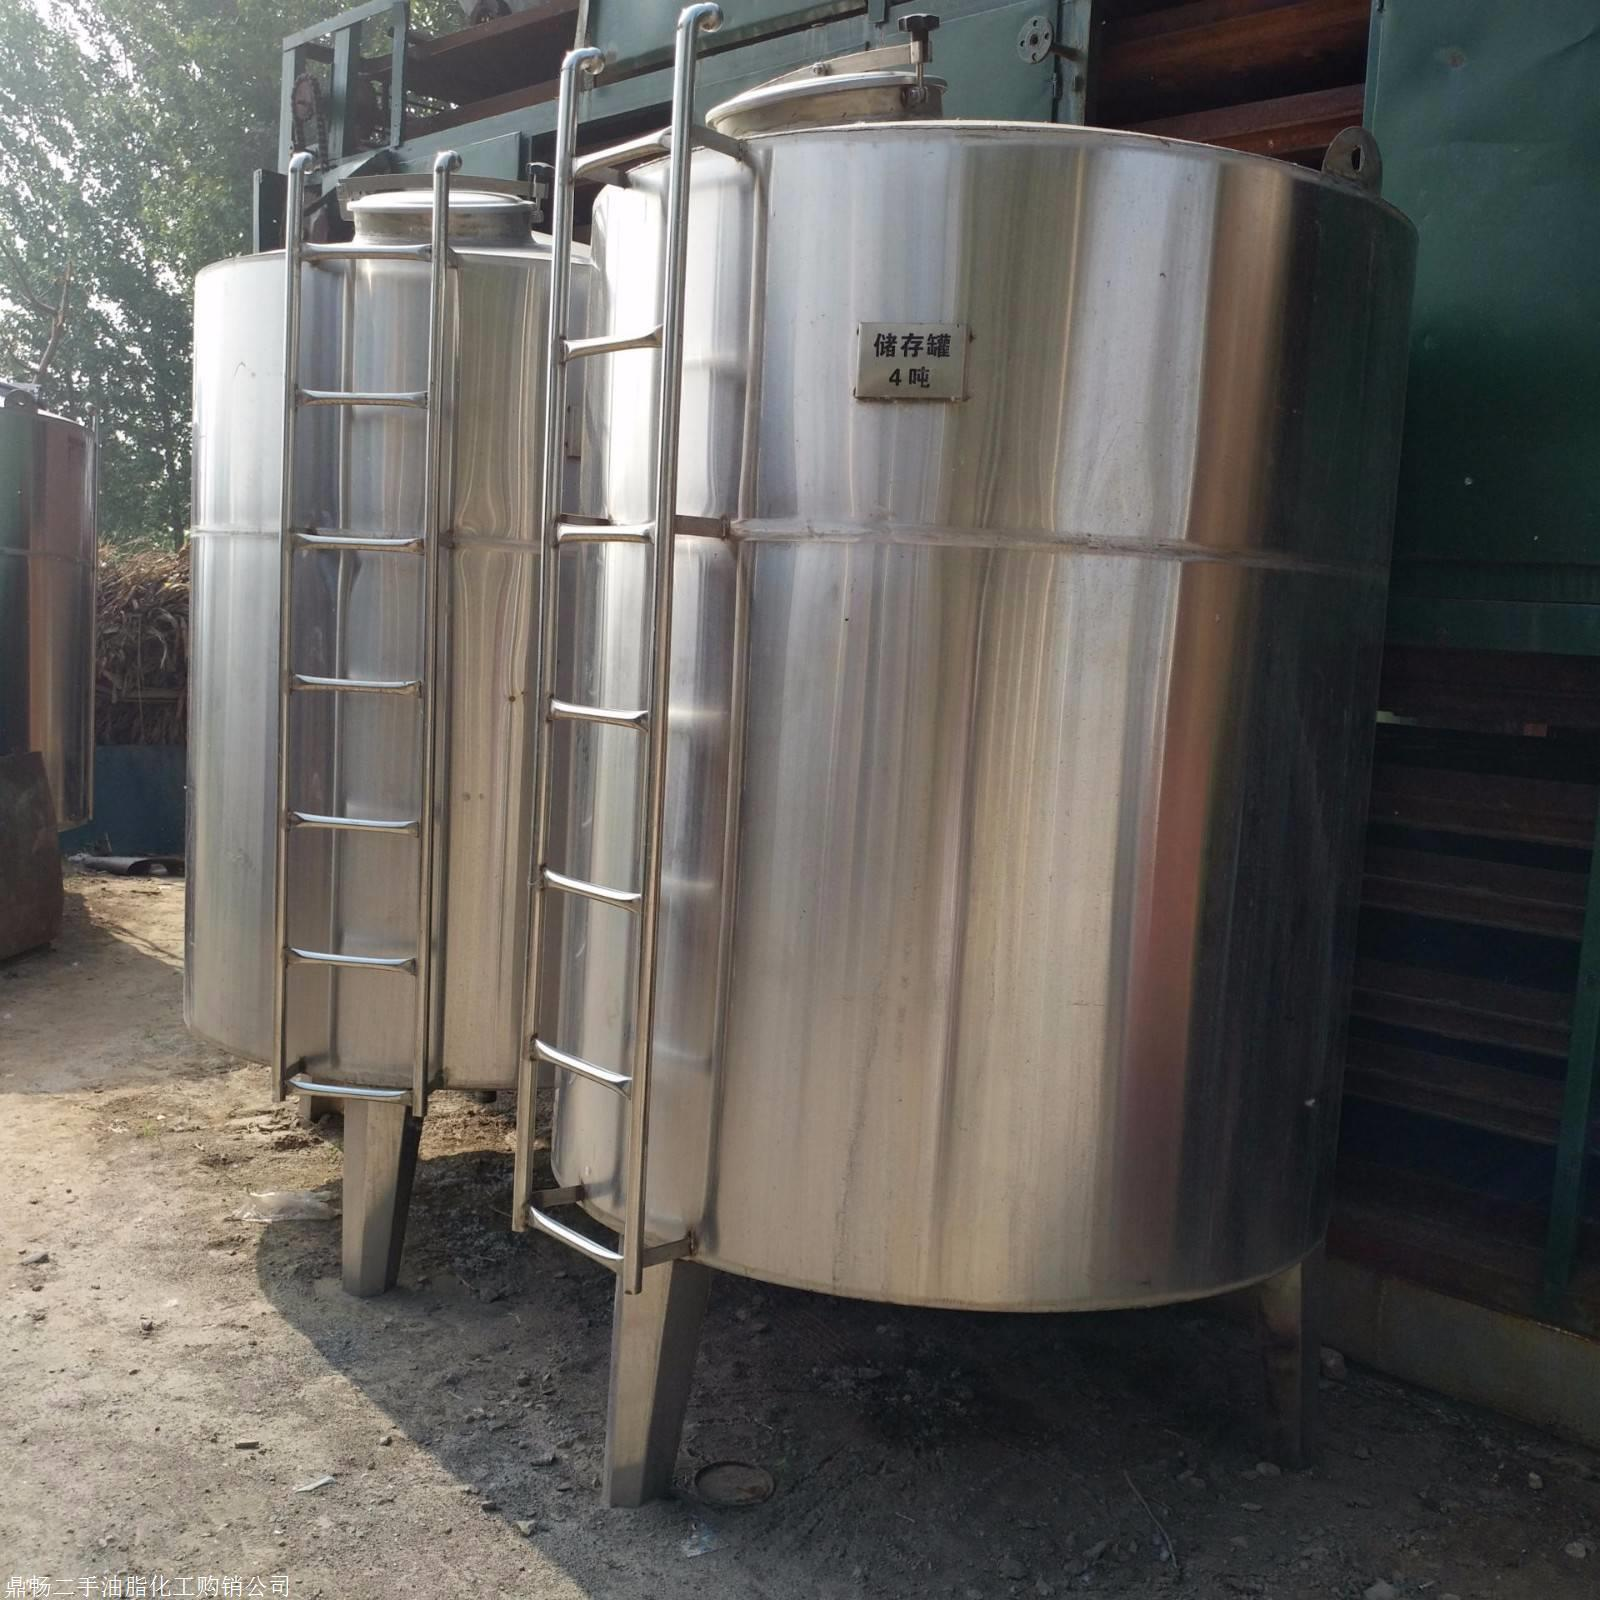 供应二手不锈钢搅拌罐 运输储奶制冷罐